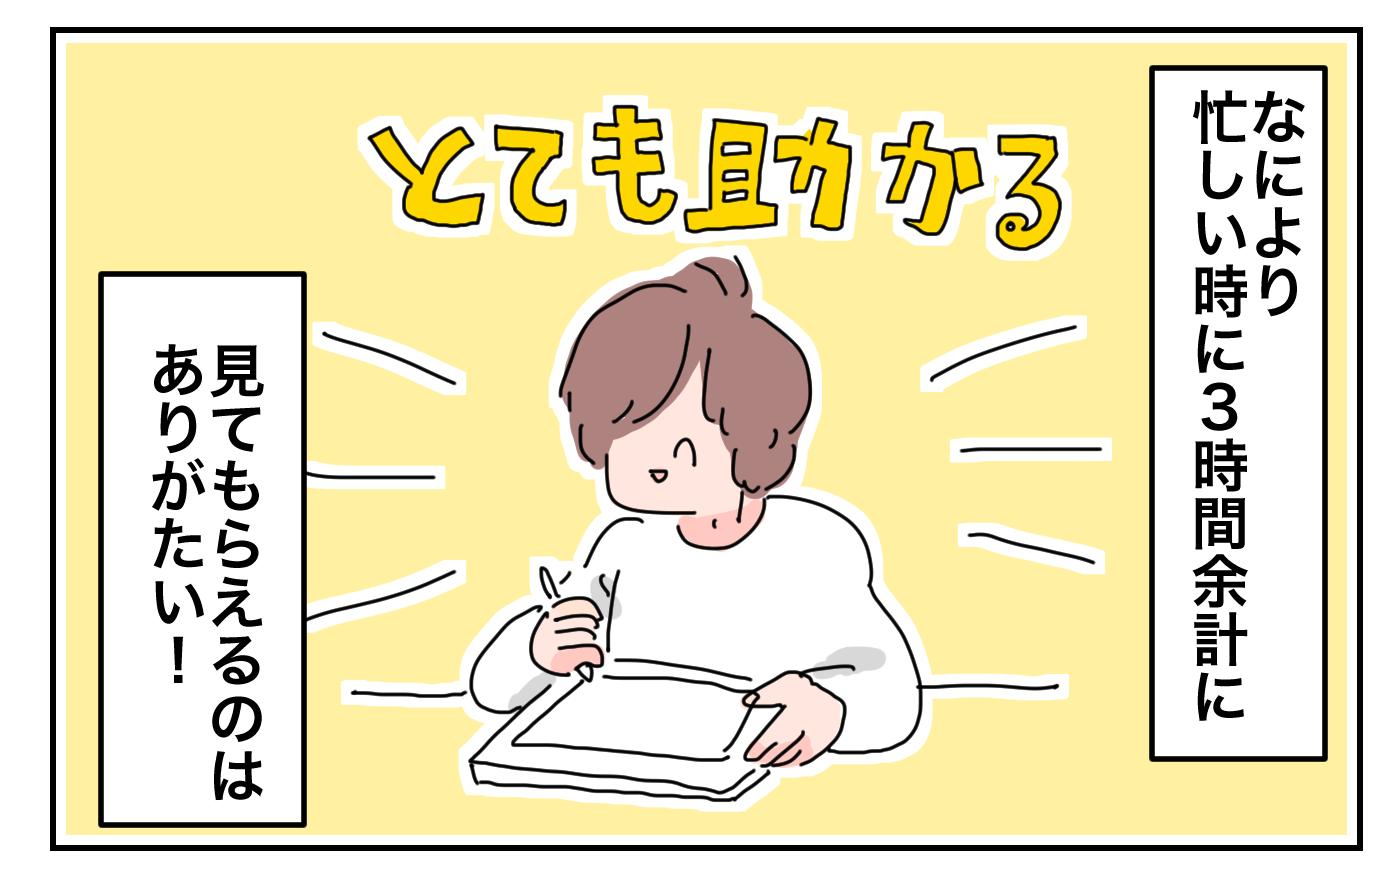 【幼稚園選び】リサーチしておきたい「延長保育」のチェックポイント